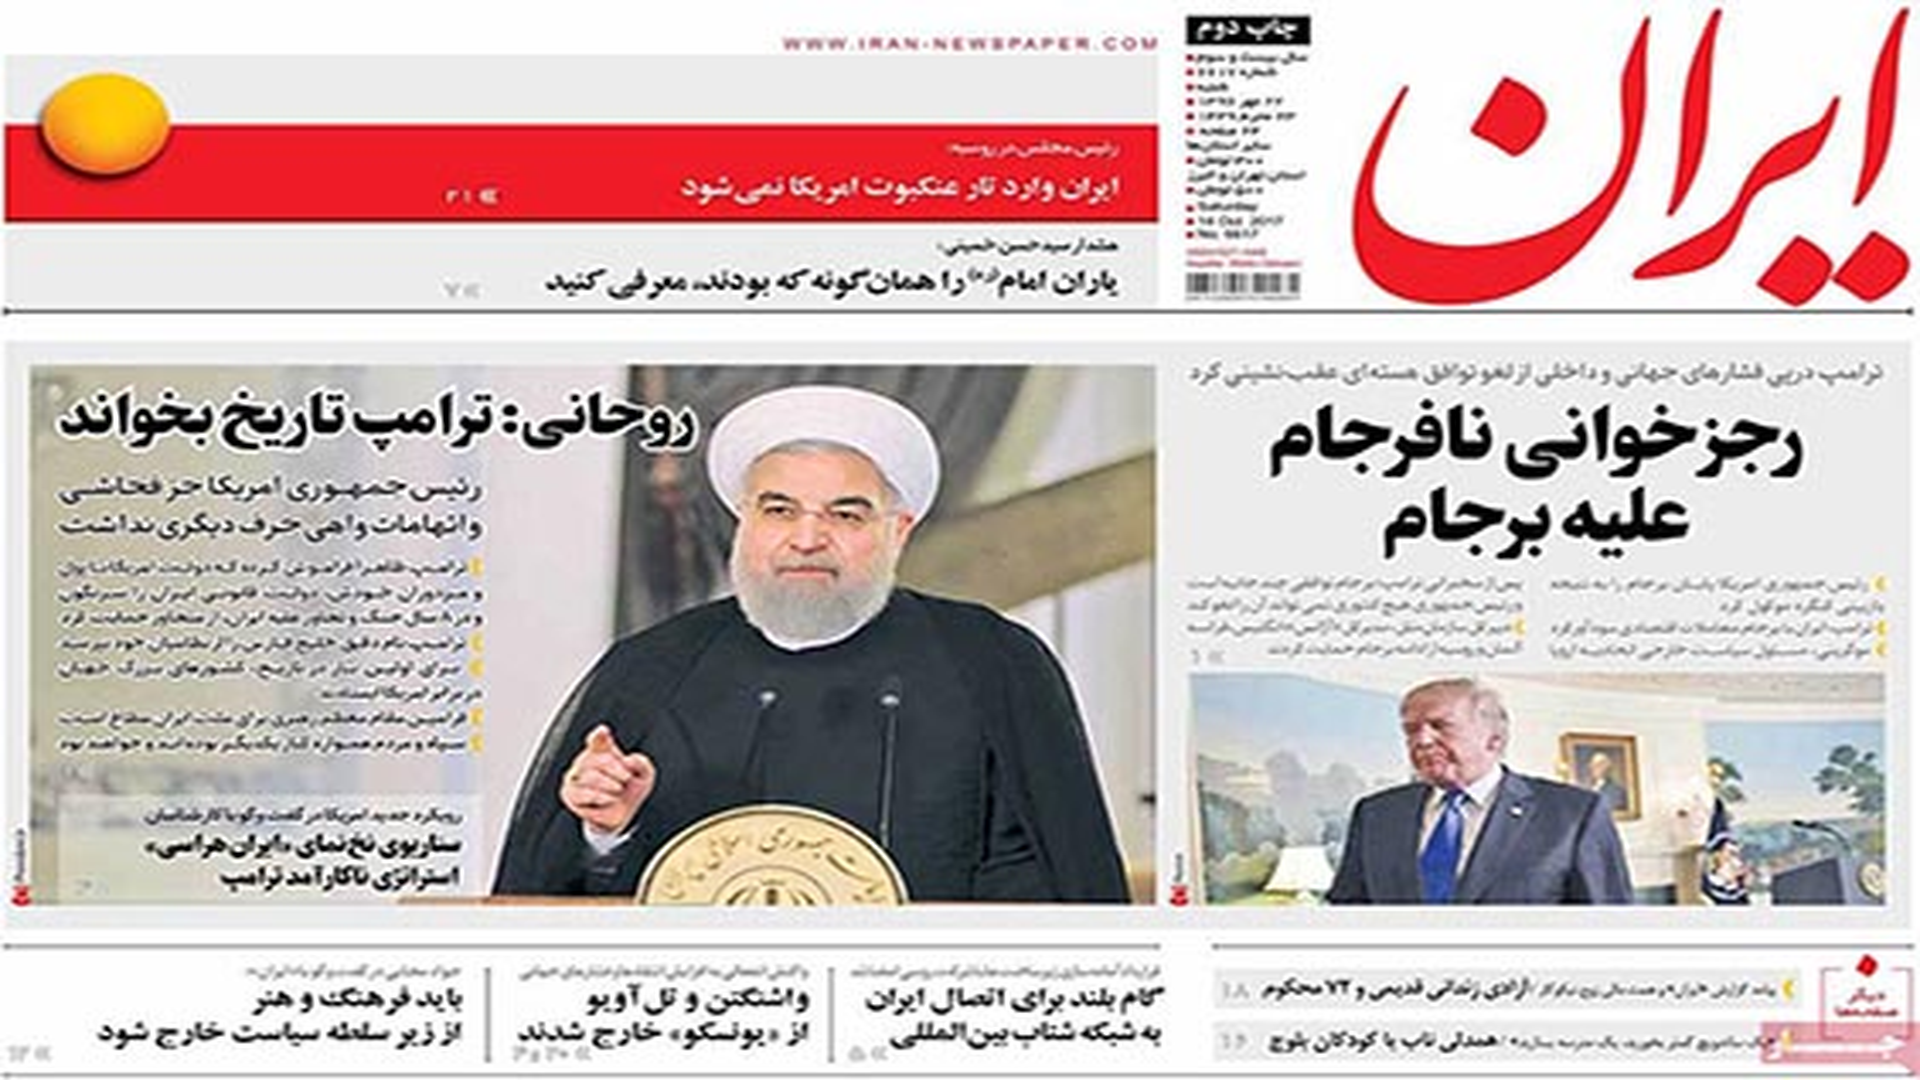 عناوین روزنامههای صبح شنبه 22 مهر | فیلم